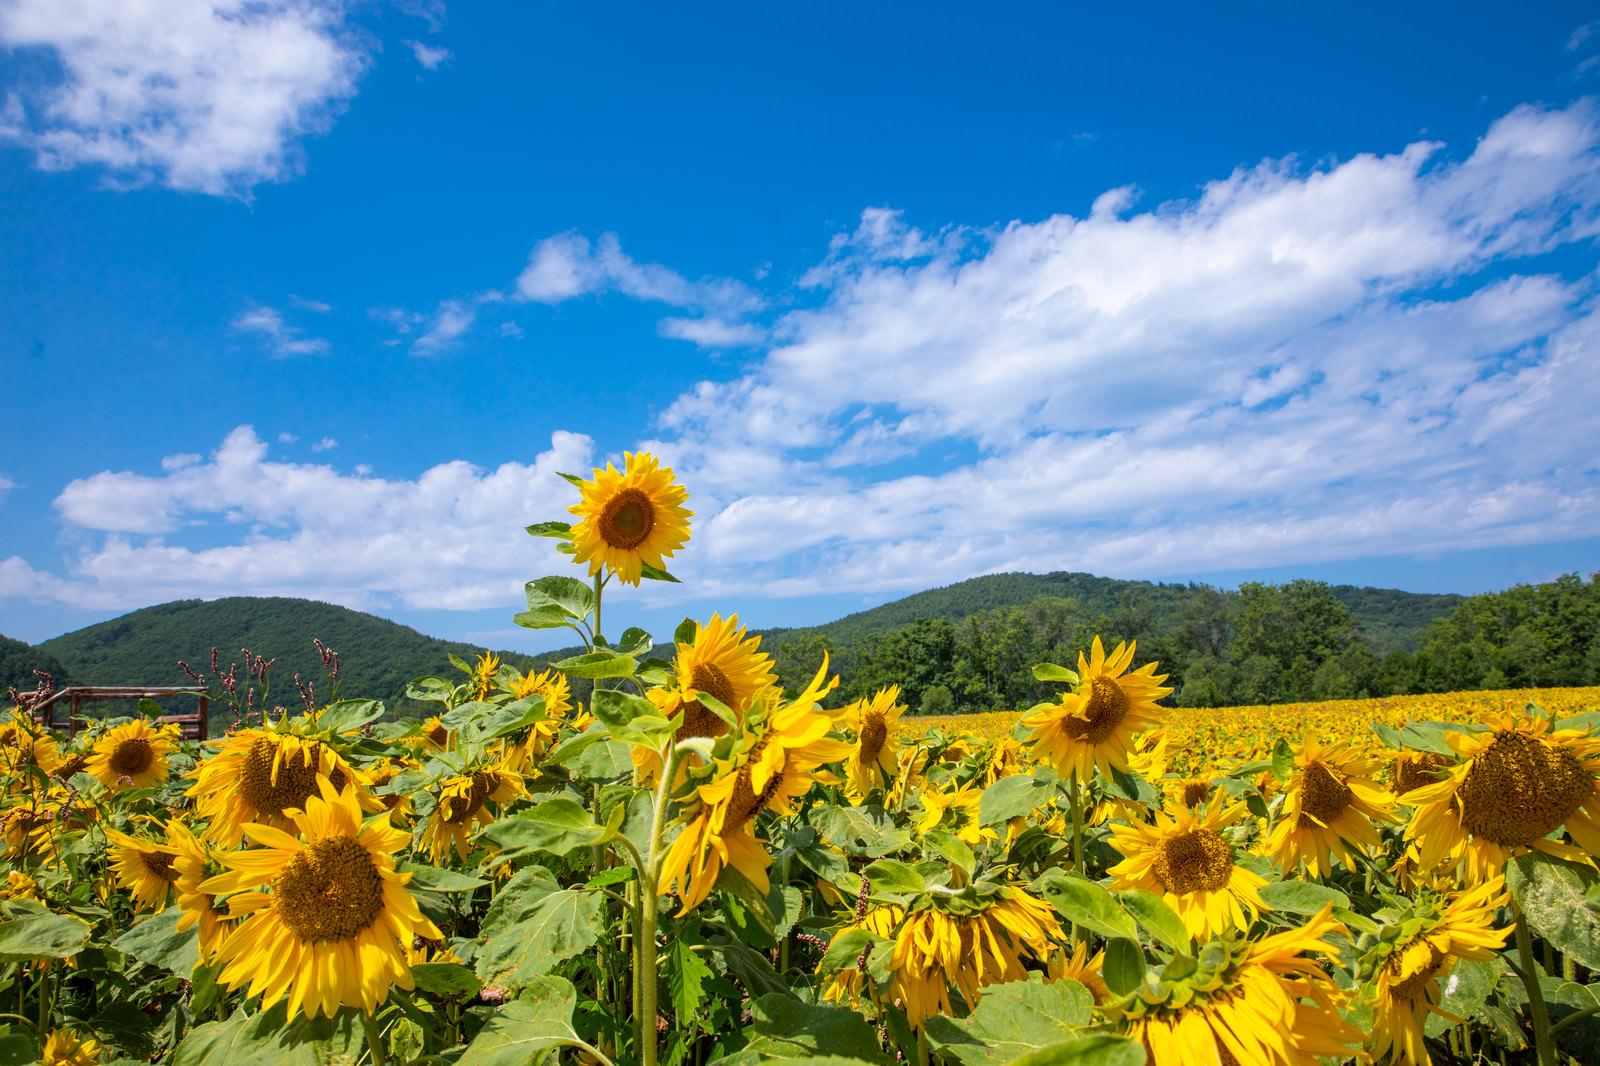 「夏日でへたる向日葵」の写真